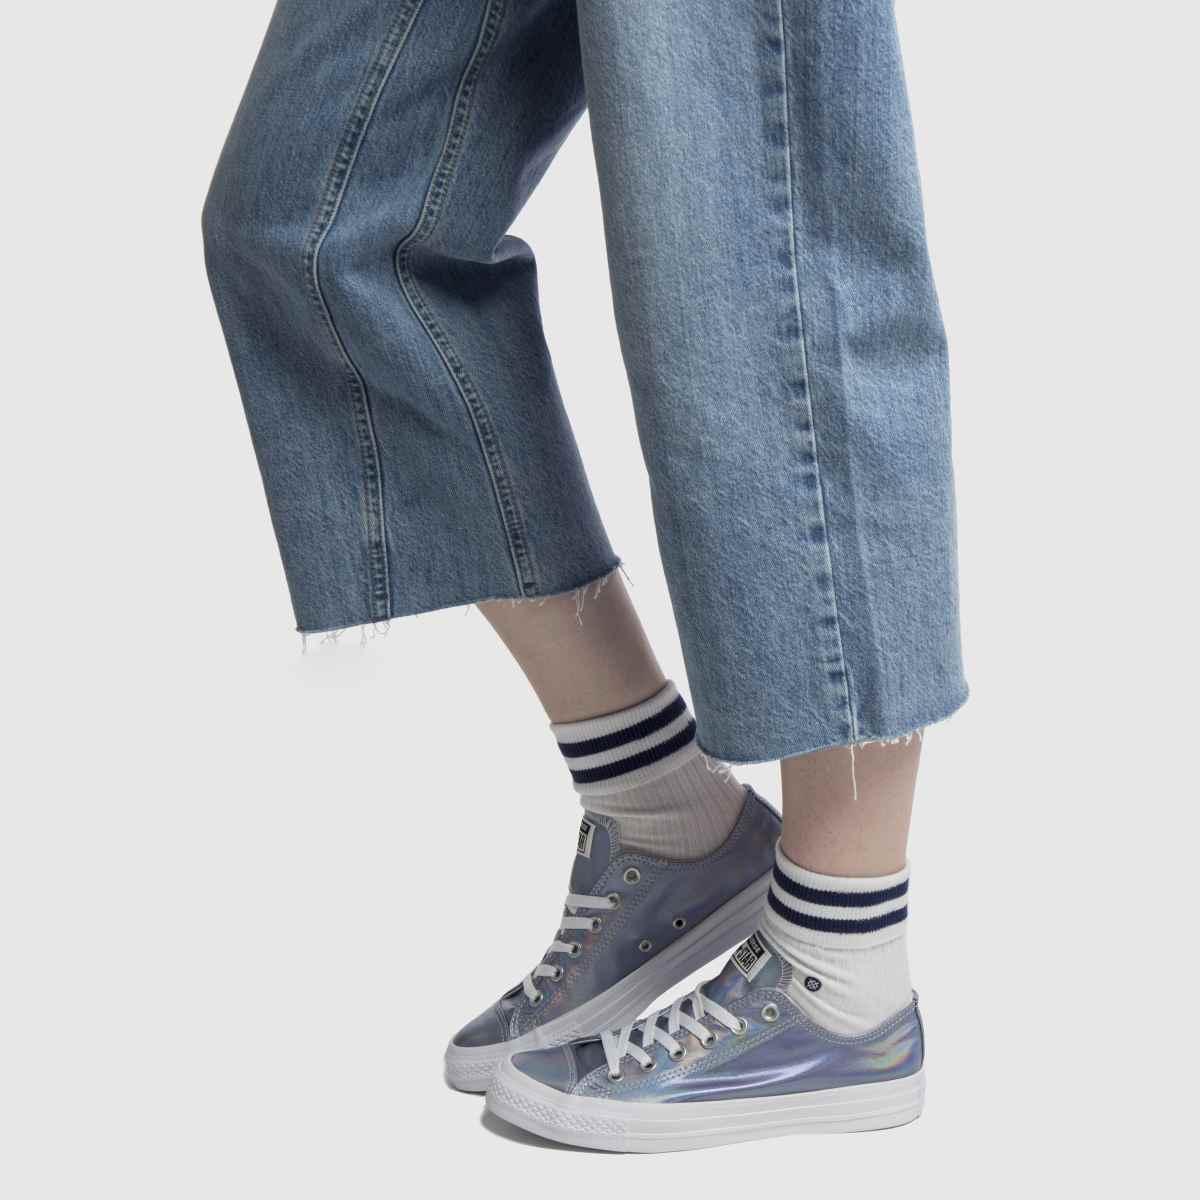 Damen Silber converse All Star Iridescent Gute Ox Sneaker   schuh Gute Iridescent Qualität beliebte Schuhe ac791e